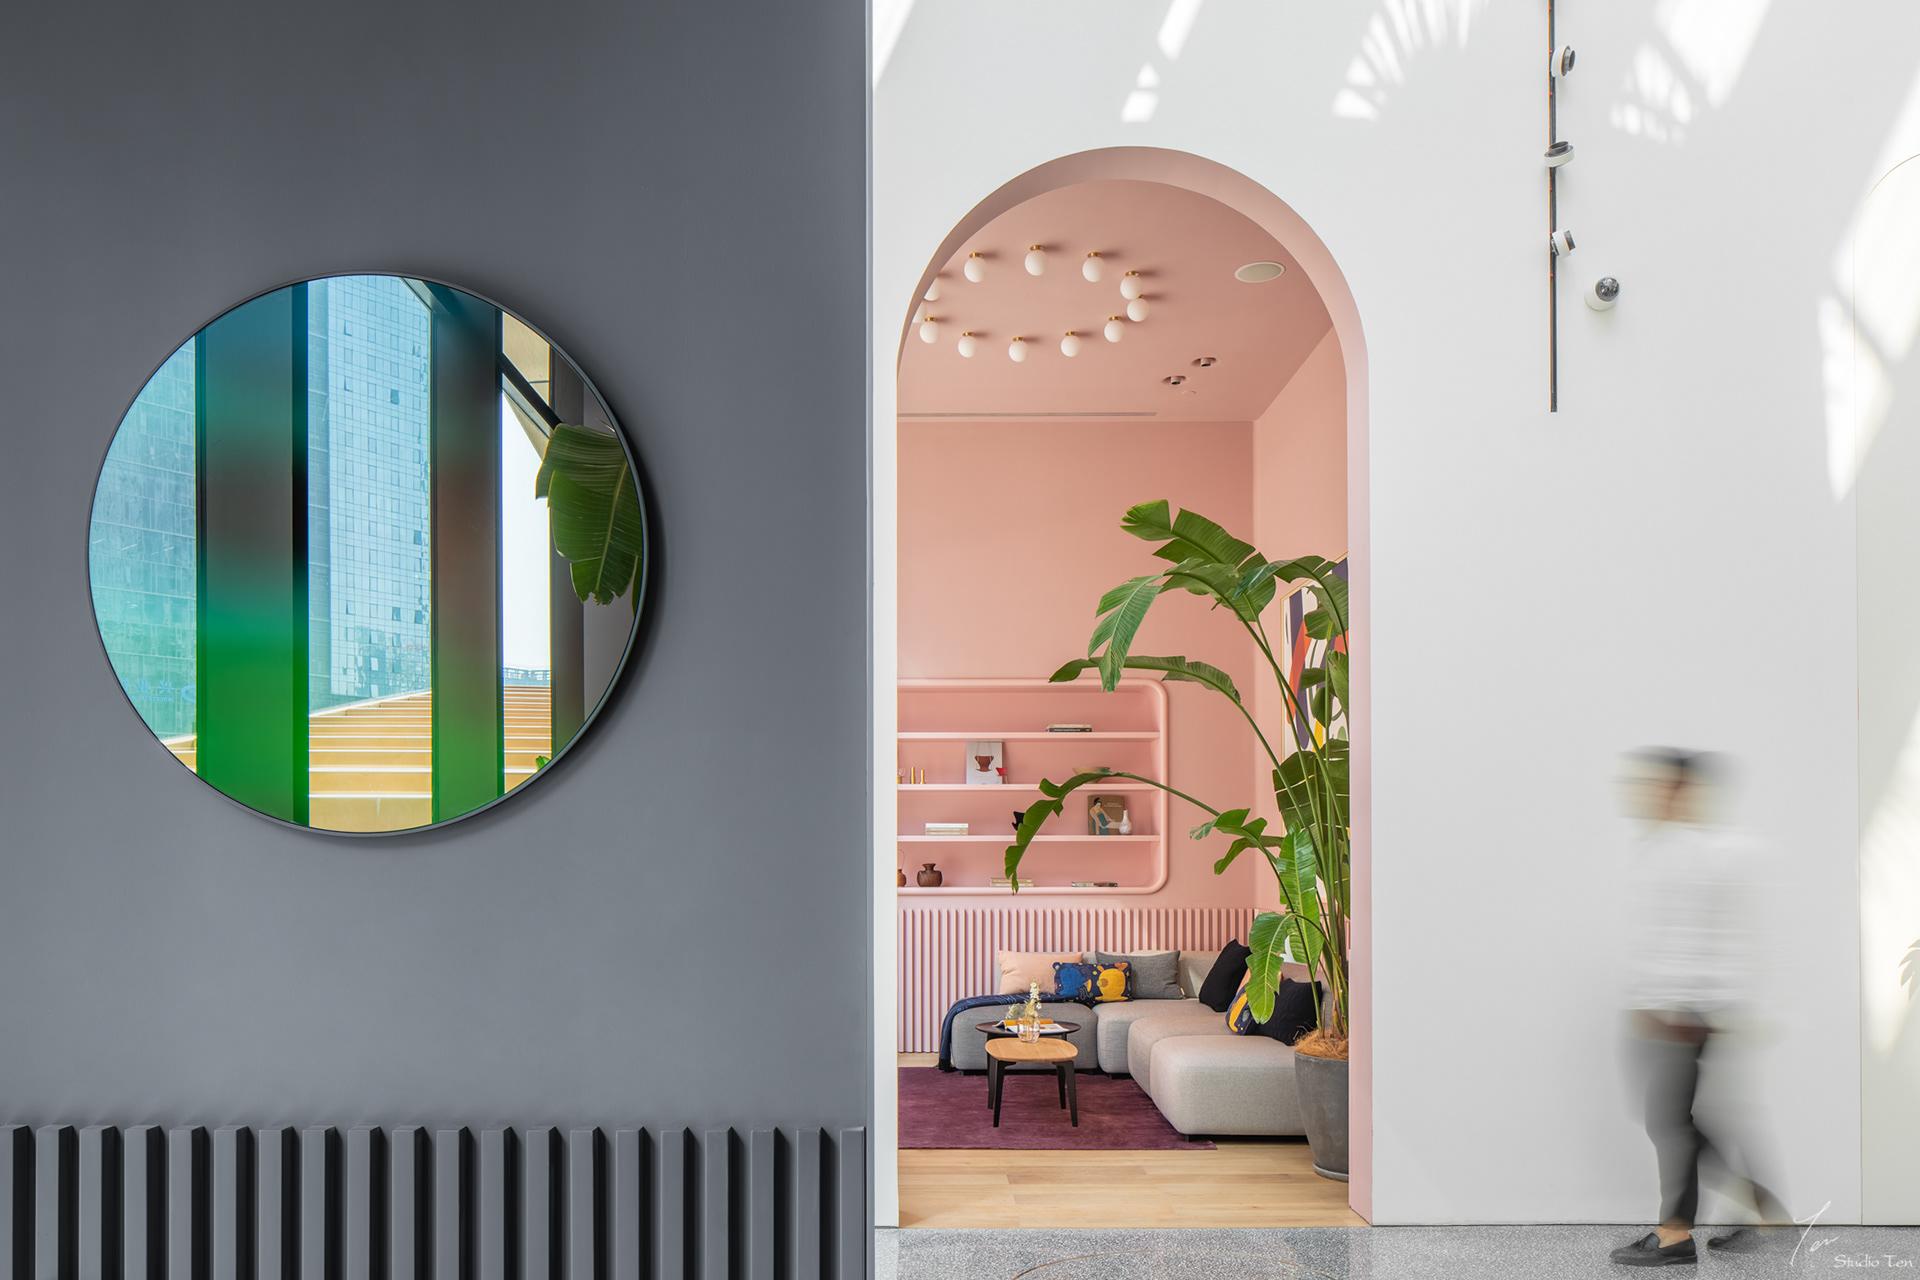 גלריה בעיצובו של Jaime Hayon